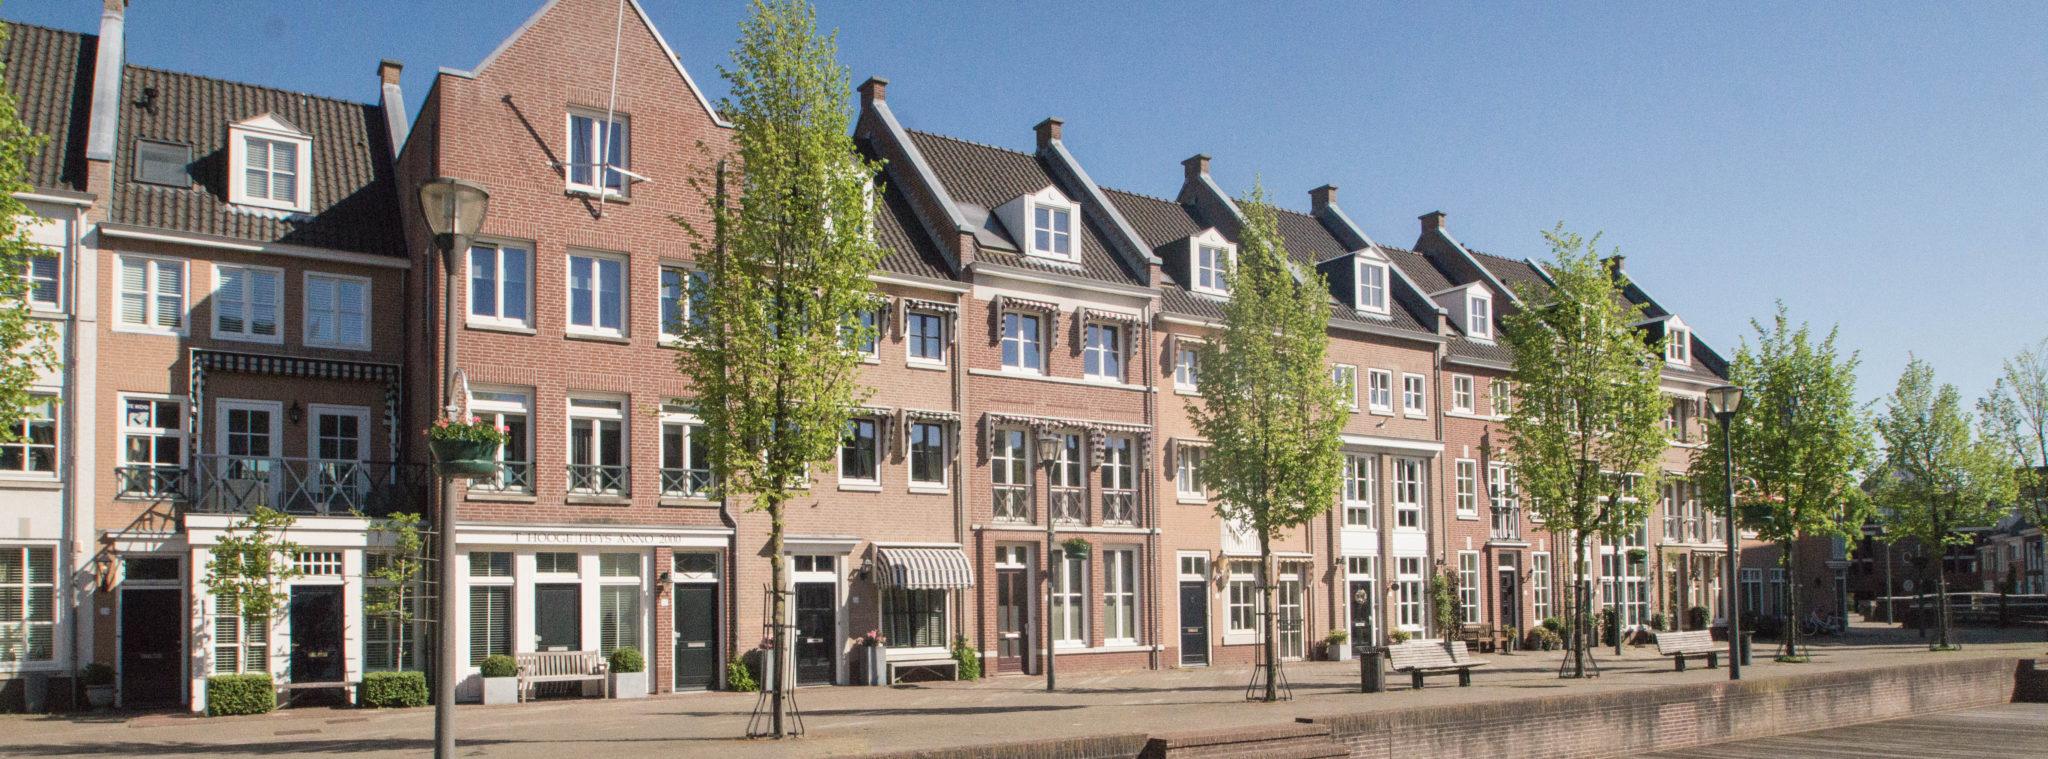 Die kleine Stadt Helmond in den Niederlanden gehört zur Region Brabant.